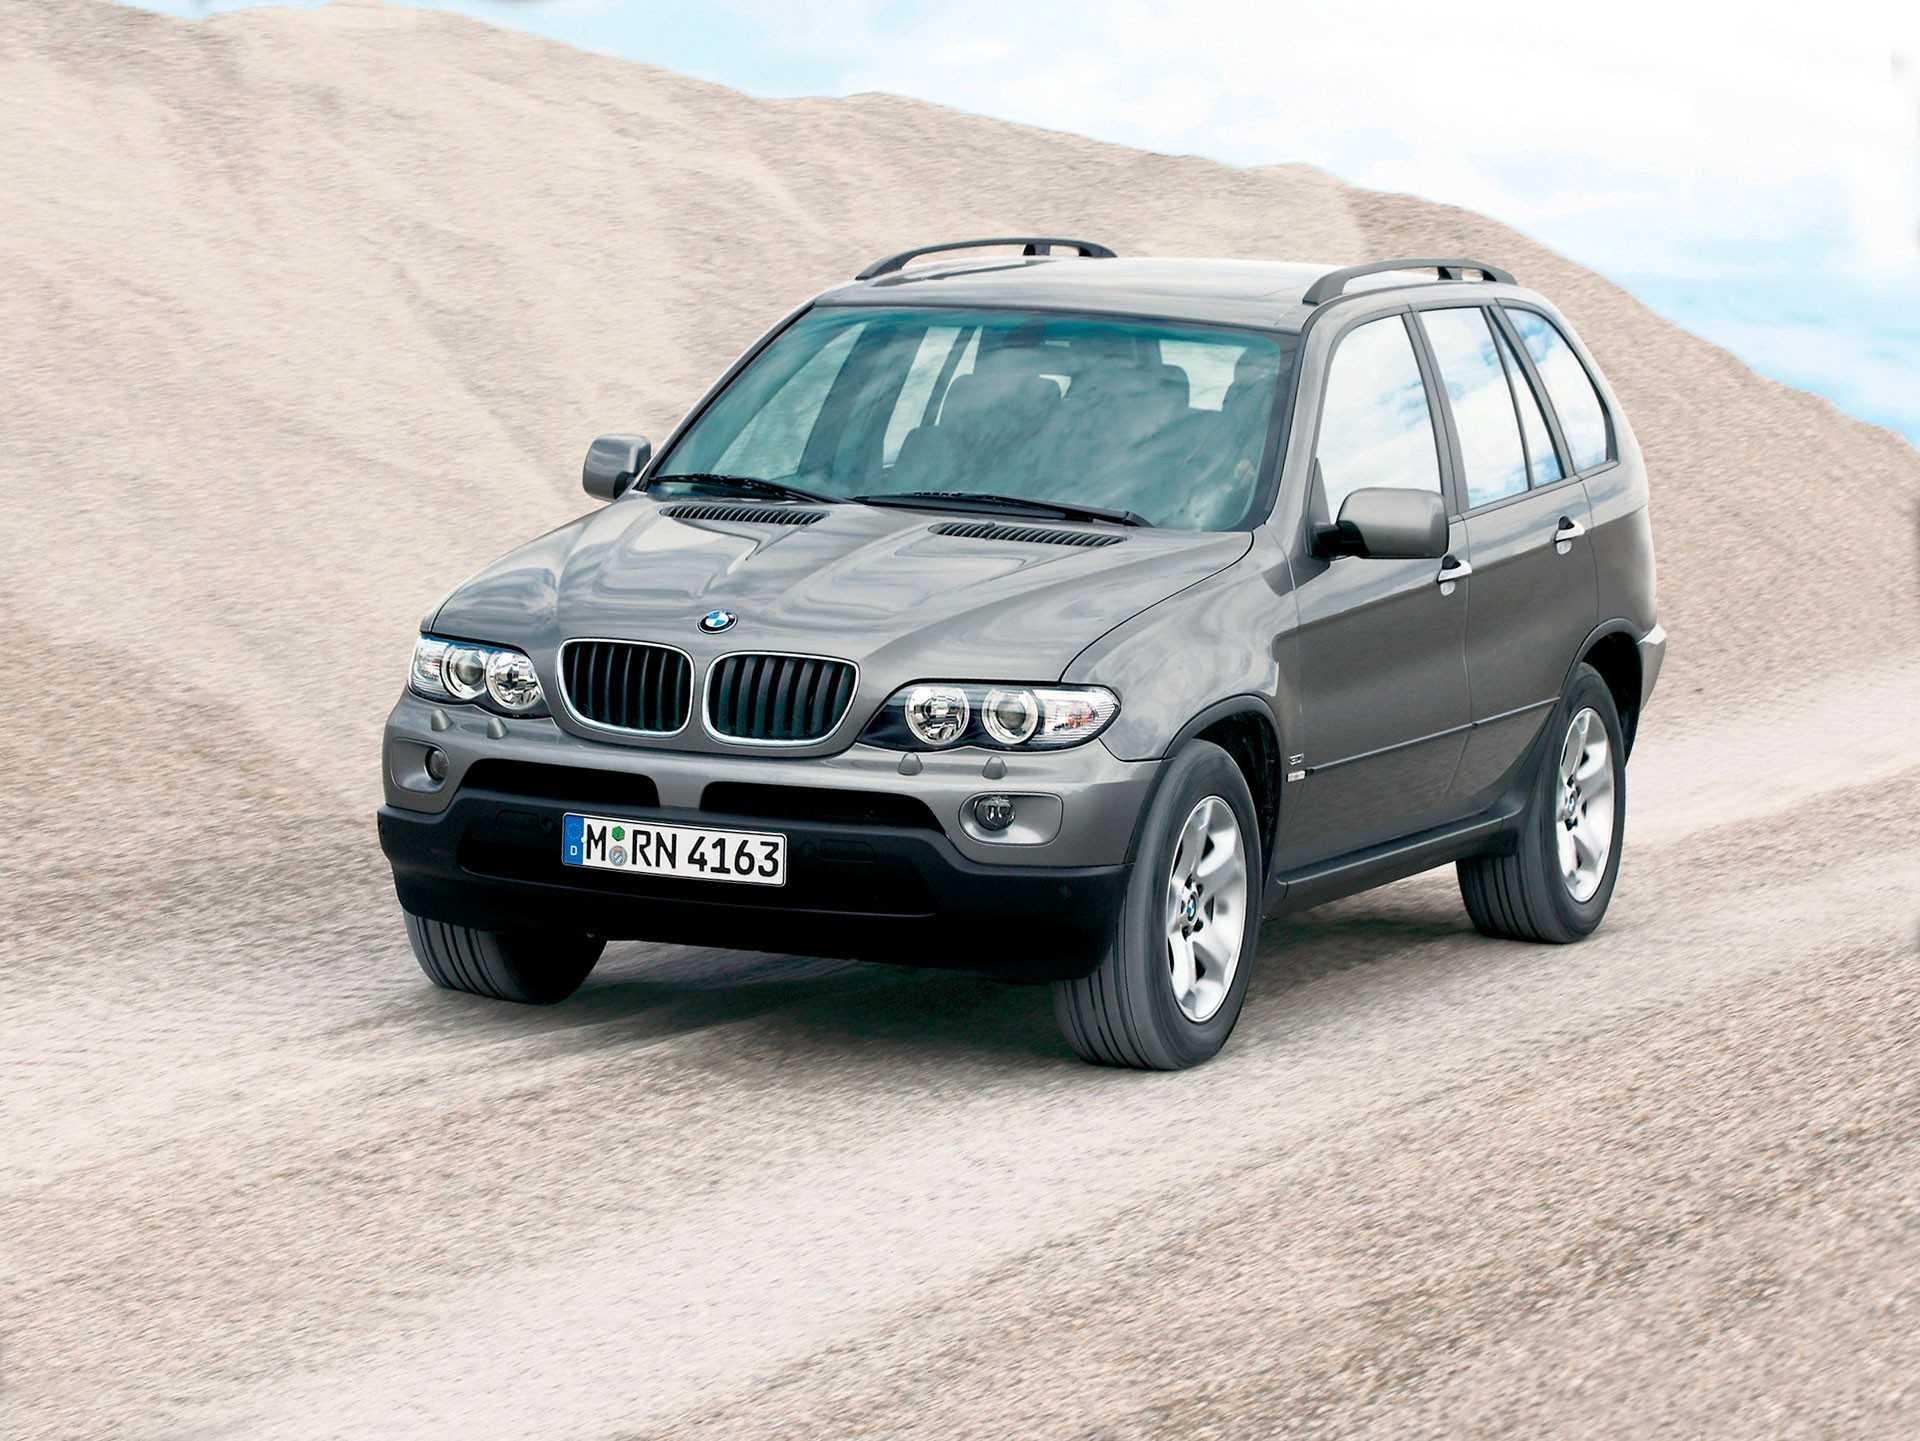 Сильные и слабые стороны BMW Х5 E53